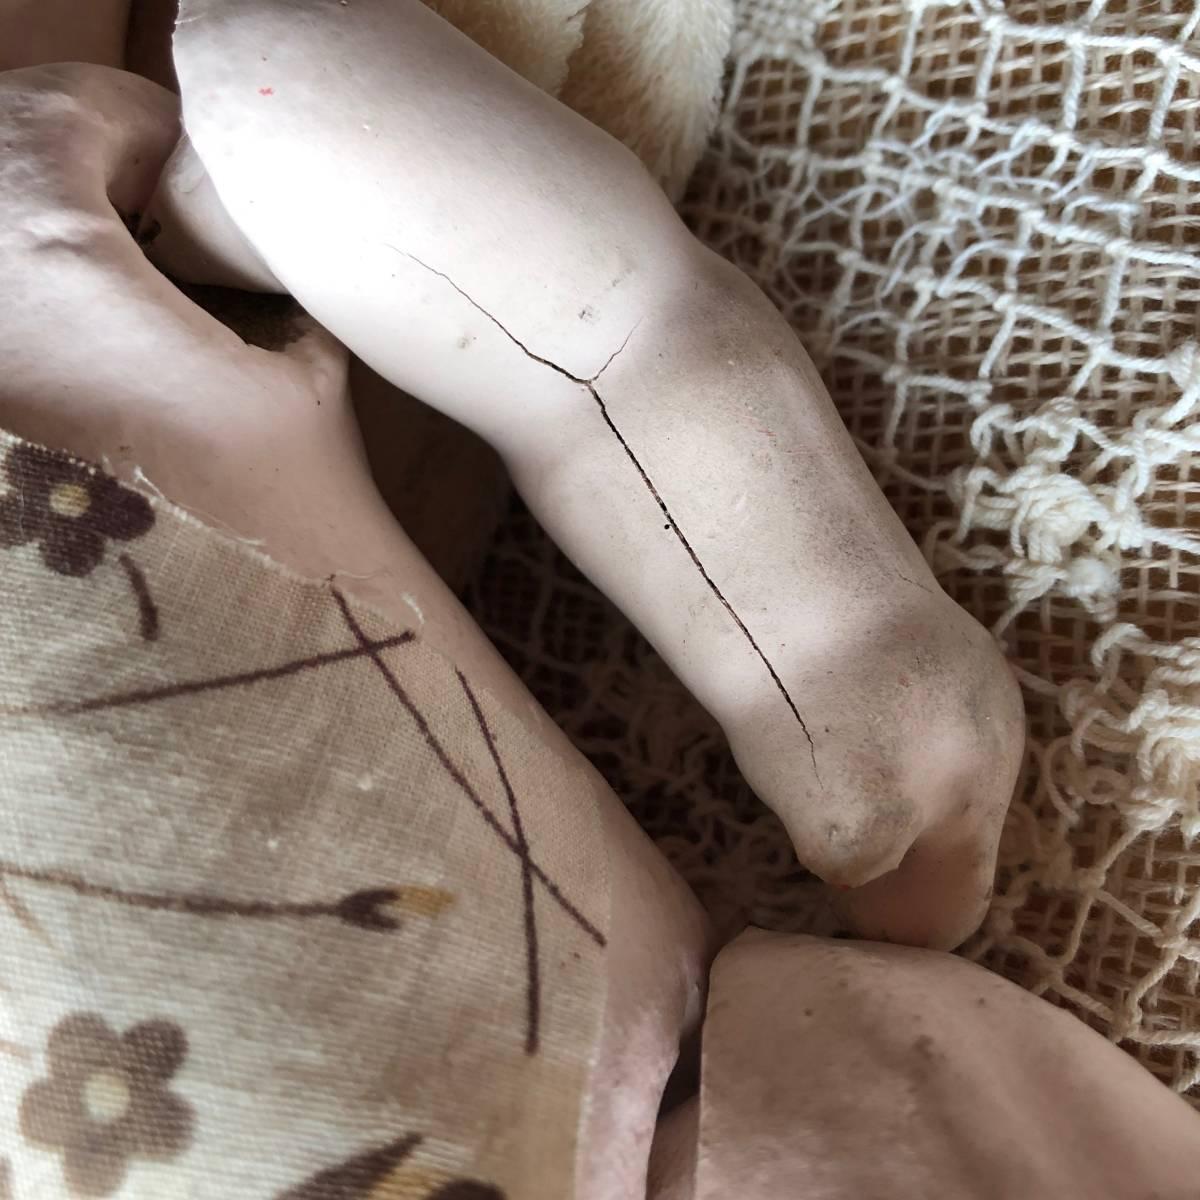 時代物 日本人形 2体セット☆ 男の子 女の子 29cm 26cm 羽織り丁髷おかっぱ 大正昭和初期戦前 古い抱き人形 アンティーク 骨董 当時物_画像7